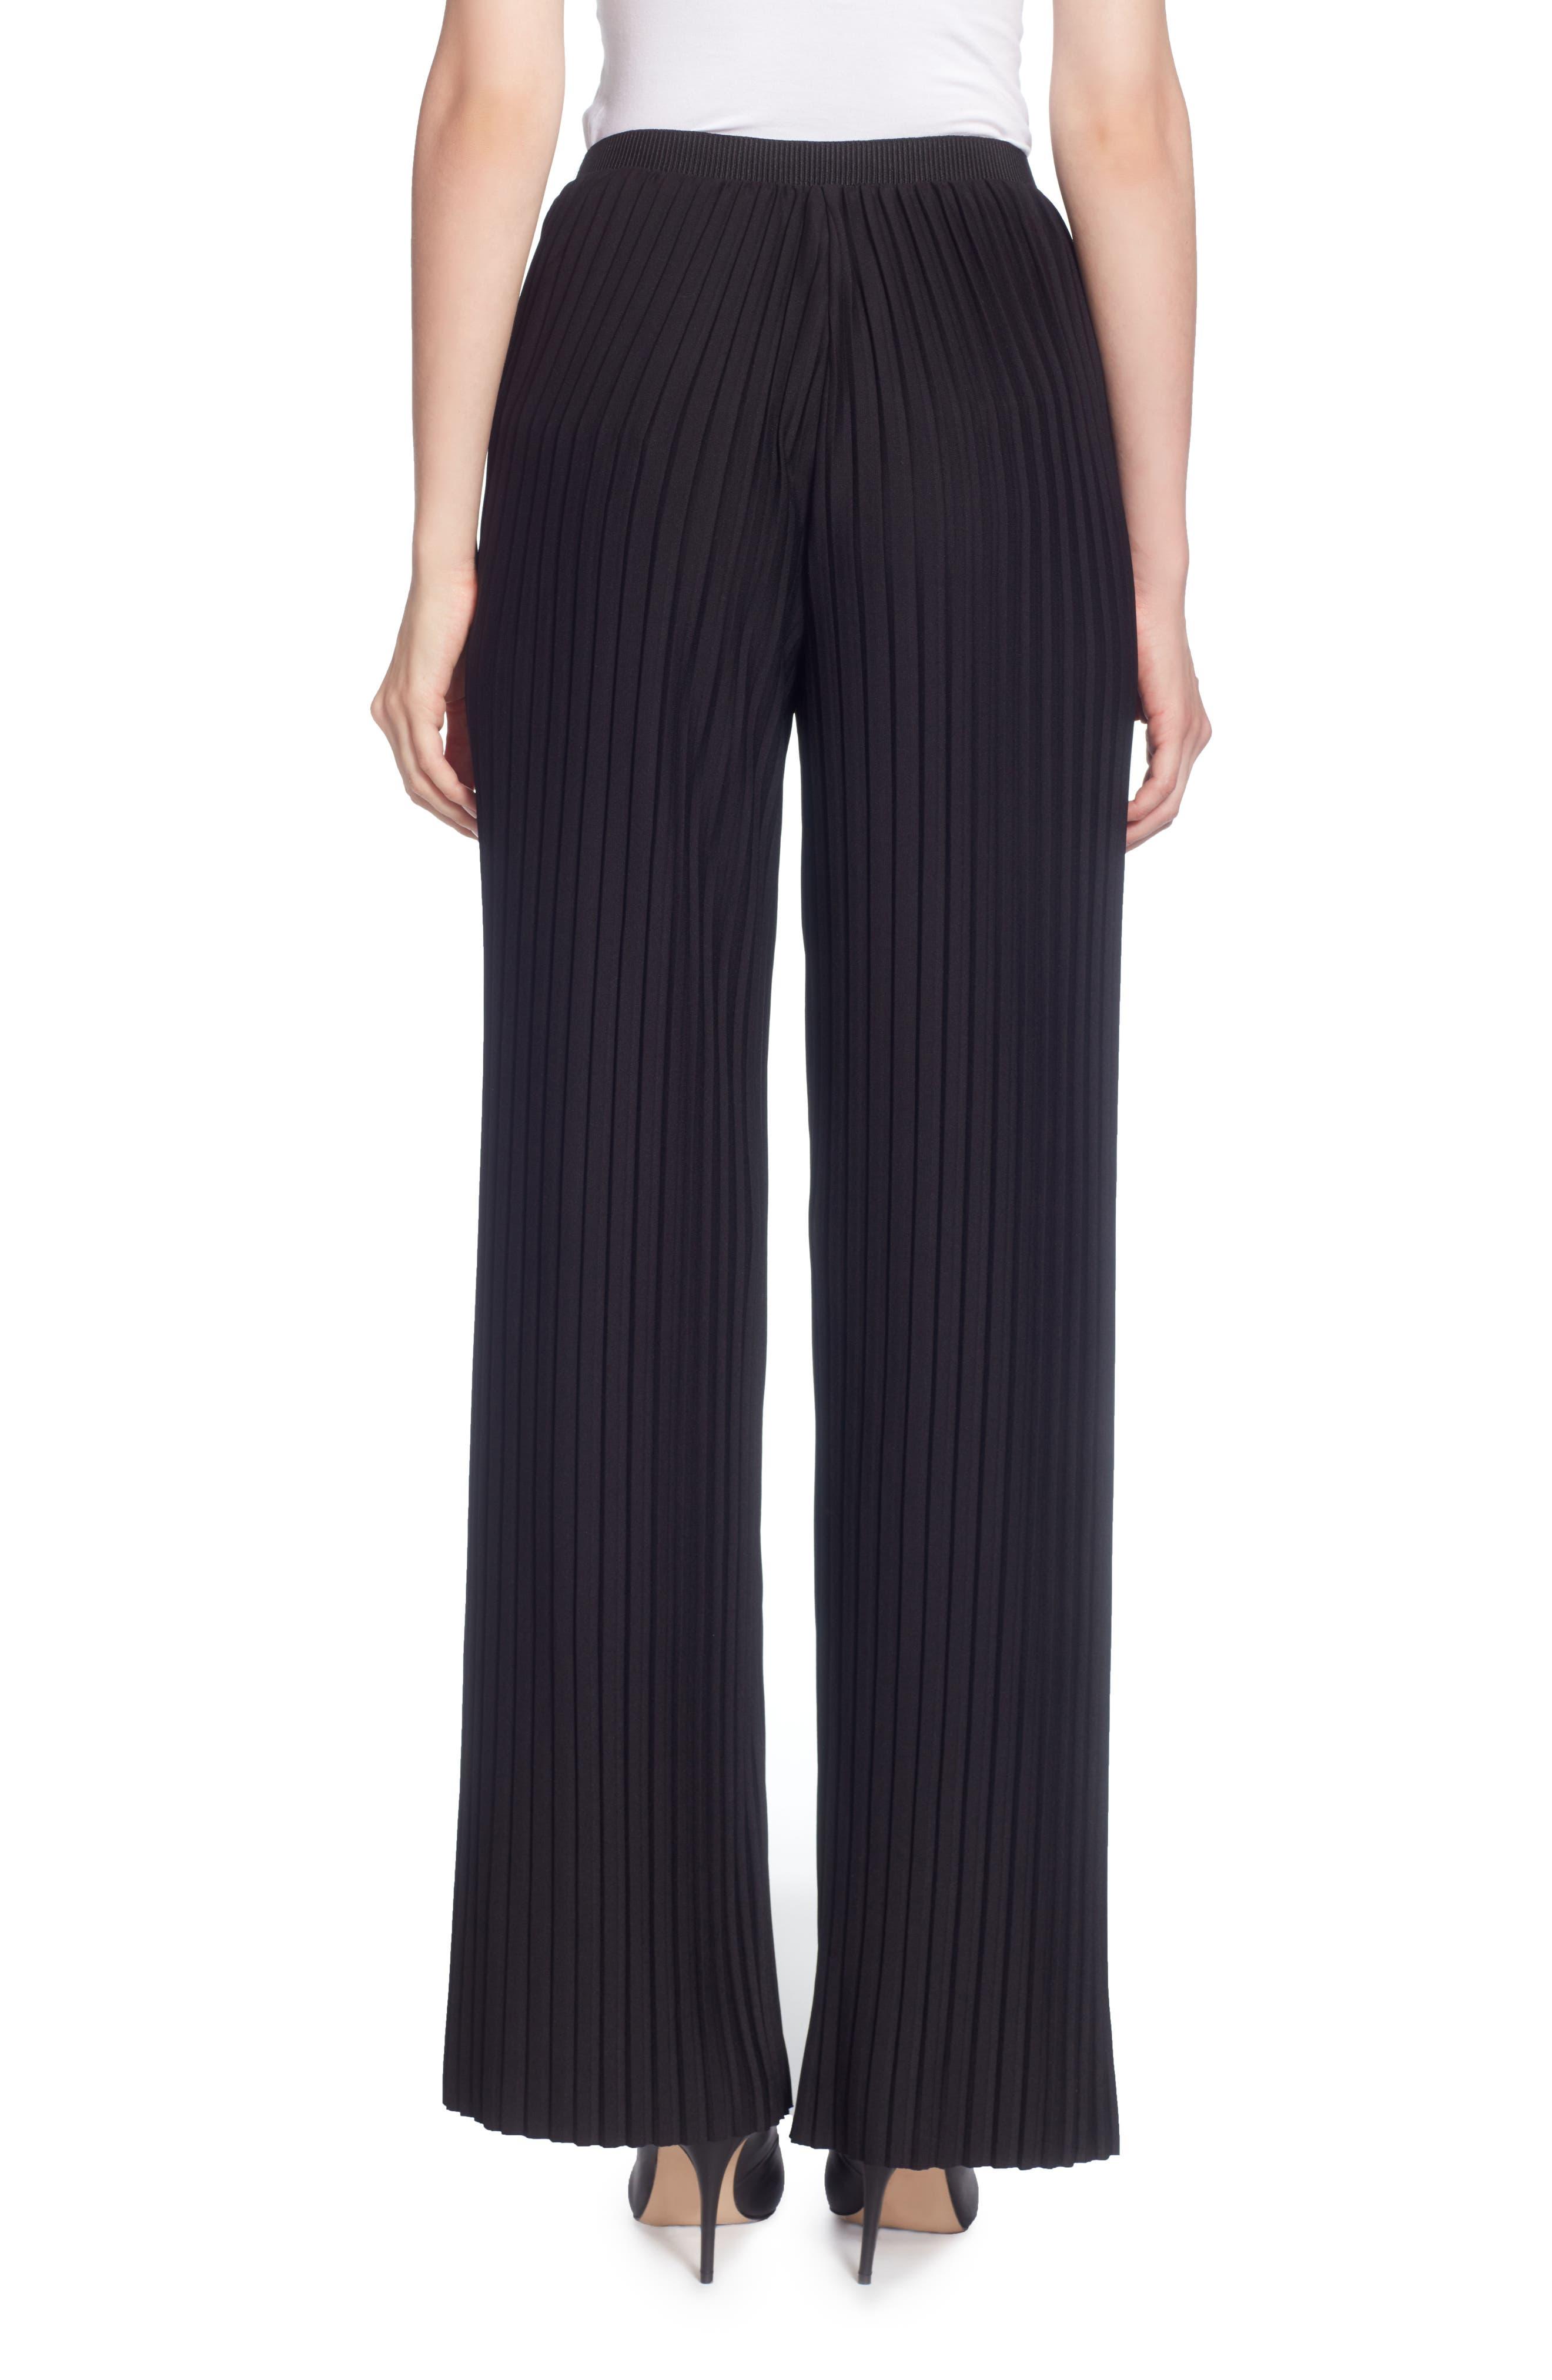 Nielson Pleat Pants,                             Alternate thumbnail 2, color,                             Black